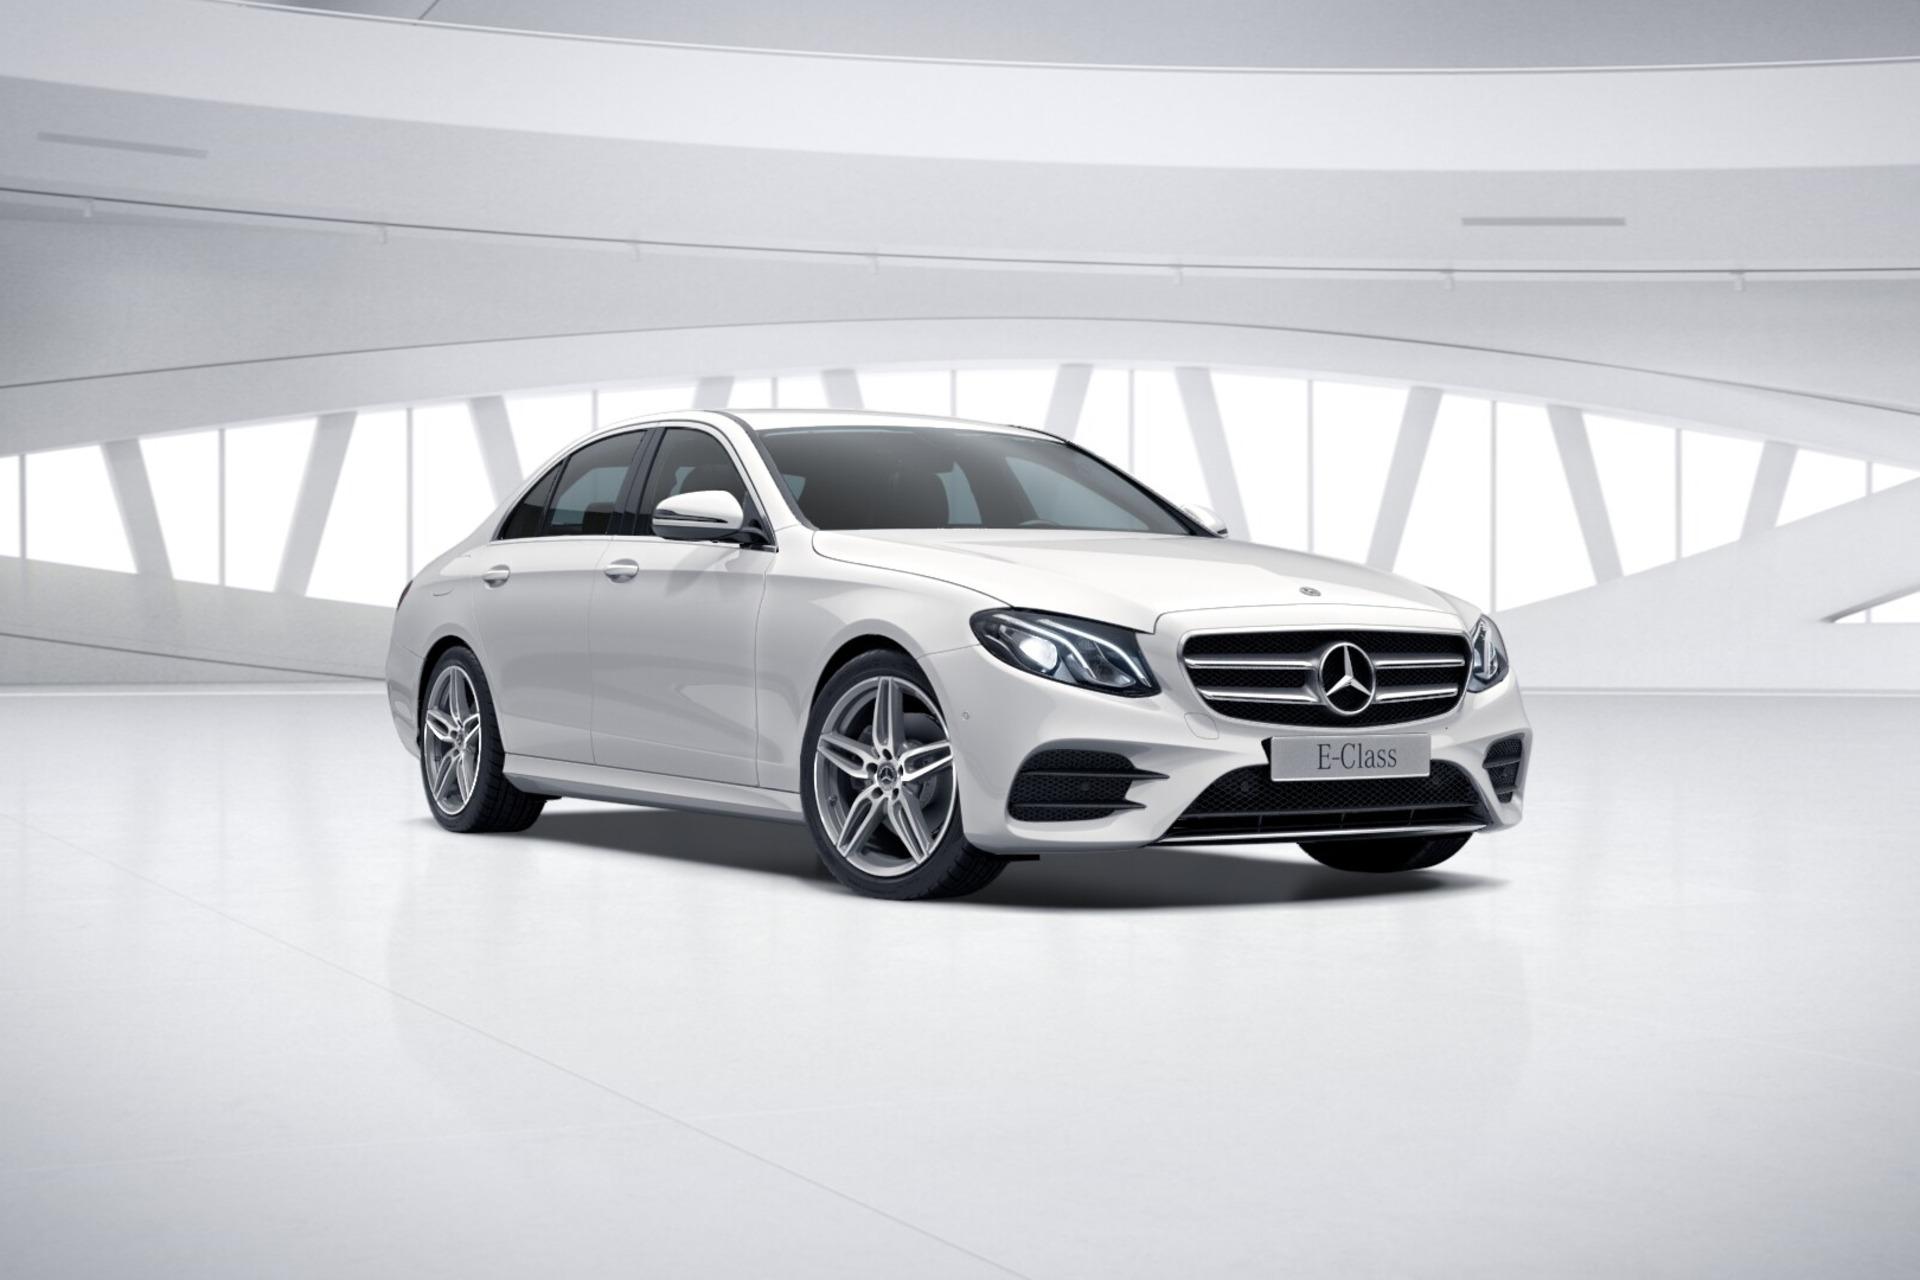 Mercedes-Benz E 180 952611418